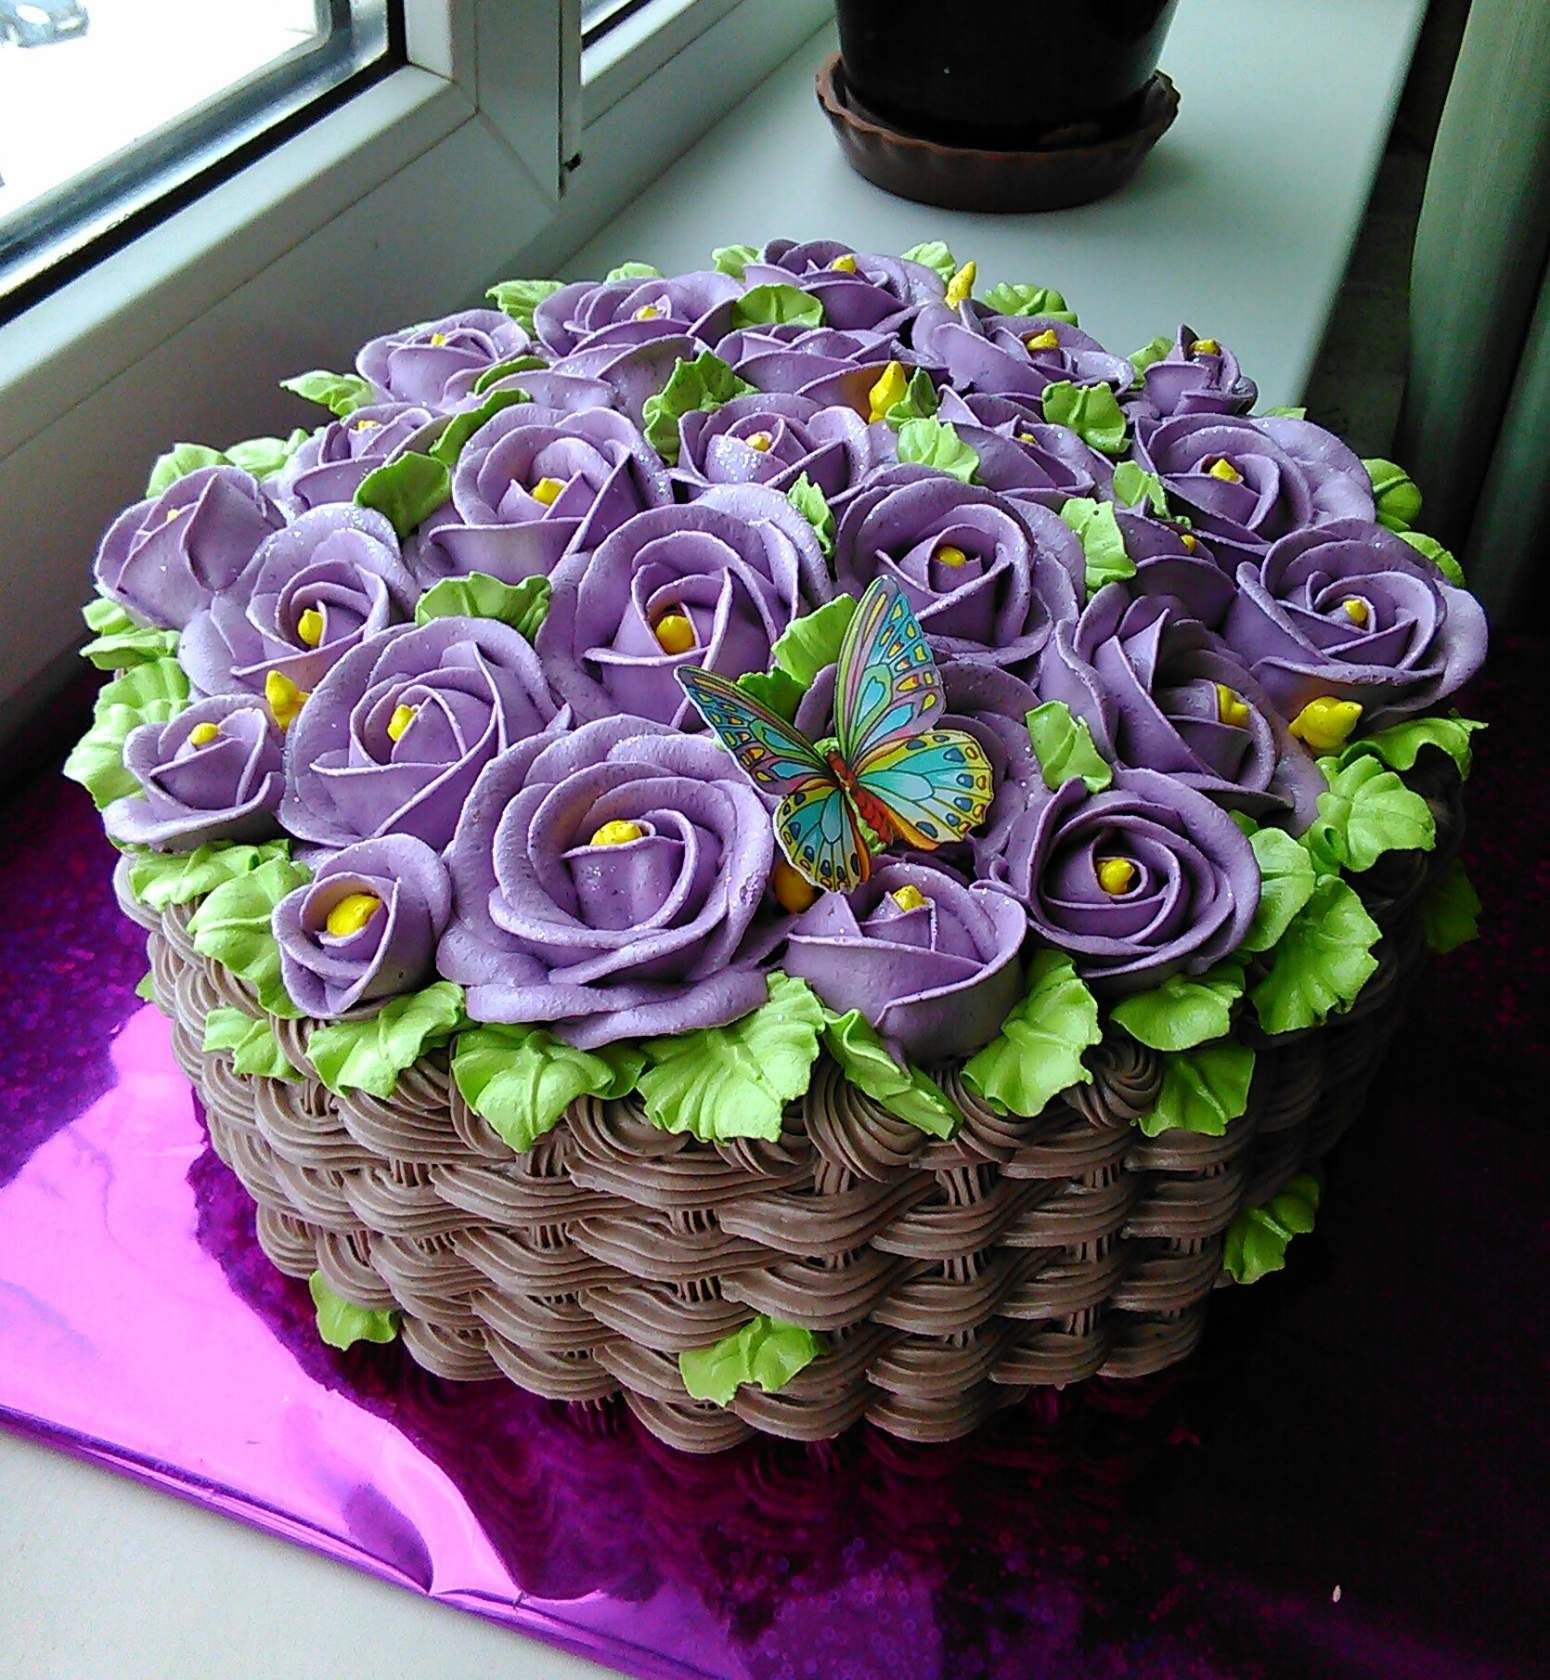 характеристика этого кремовый торт корзинка с цветами картинки многих